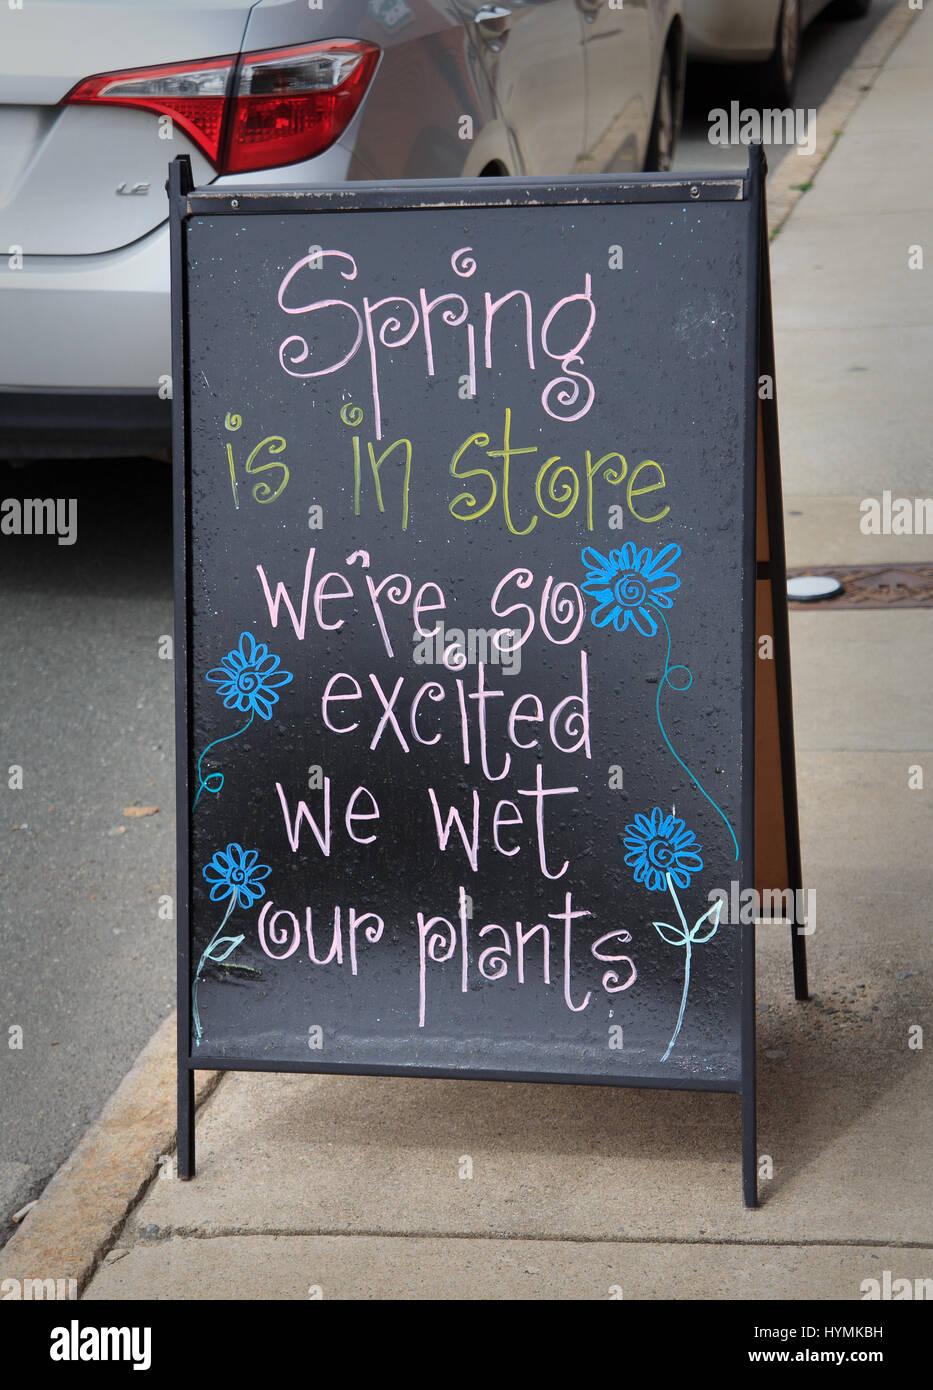 Signo humorístico en la calle en la primavera está aquí estamos tan entusiasmados nos mojamos plantas Imagen De Stock